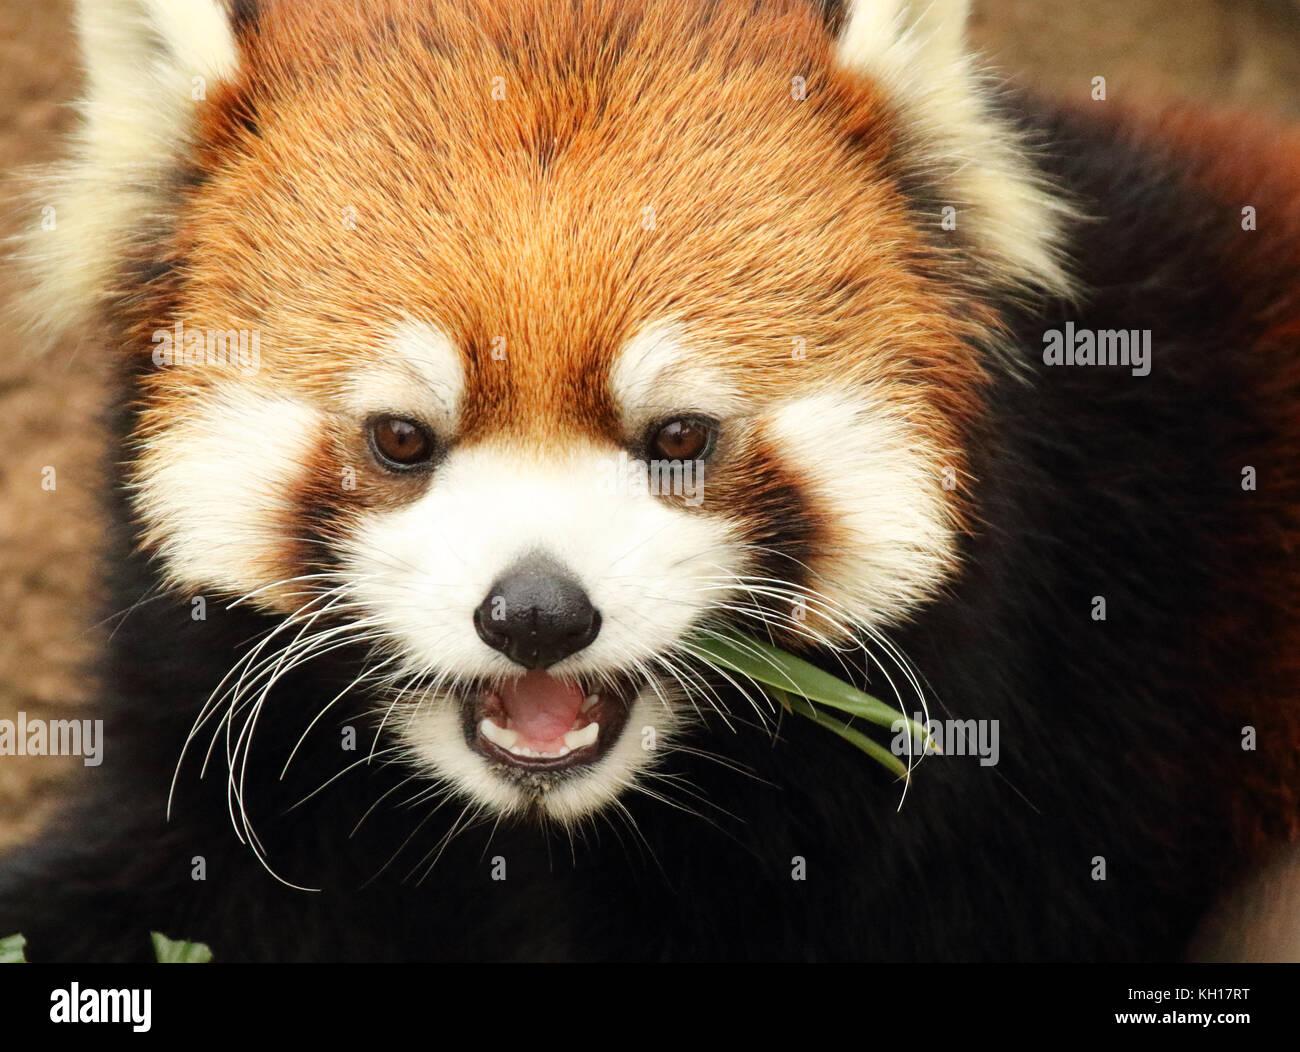 Un panda rouge donnant un grognement sourd tandis que l'alimentation. Photo Stock